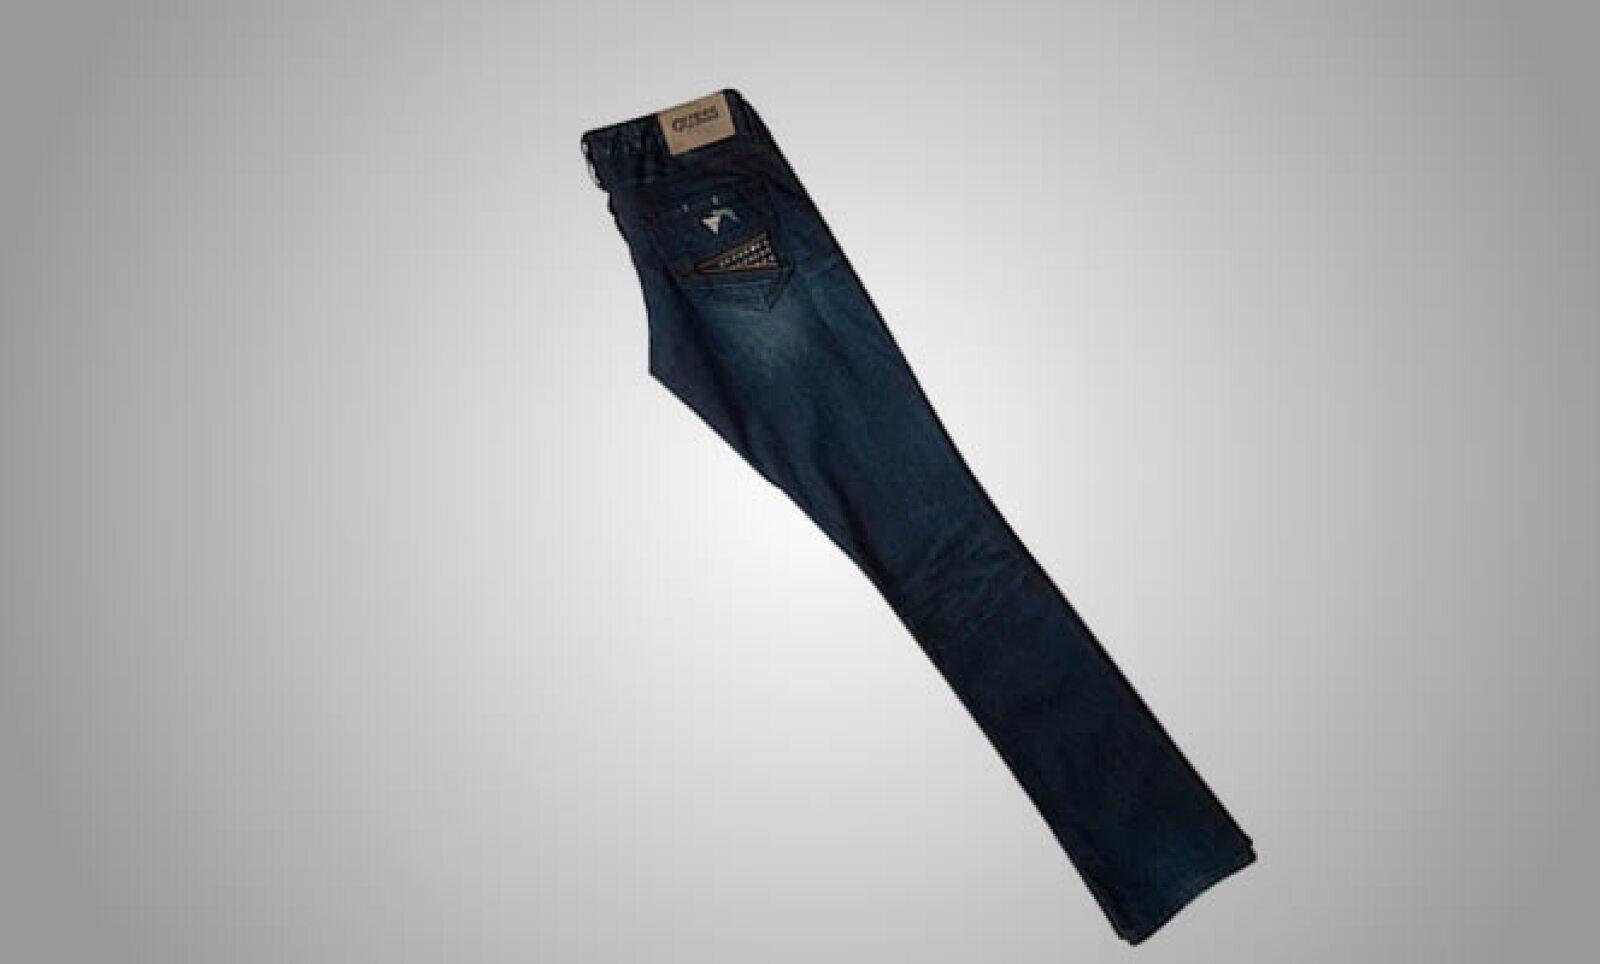 La colección de jeans tiene toques sensuales, gracias a sus ajustes estrechos y colores deslavados.